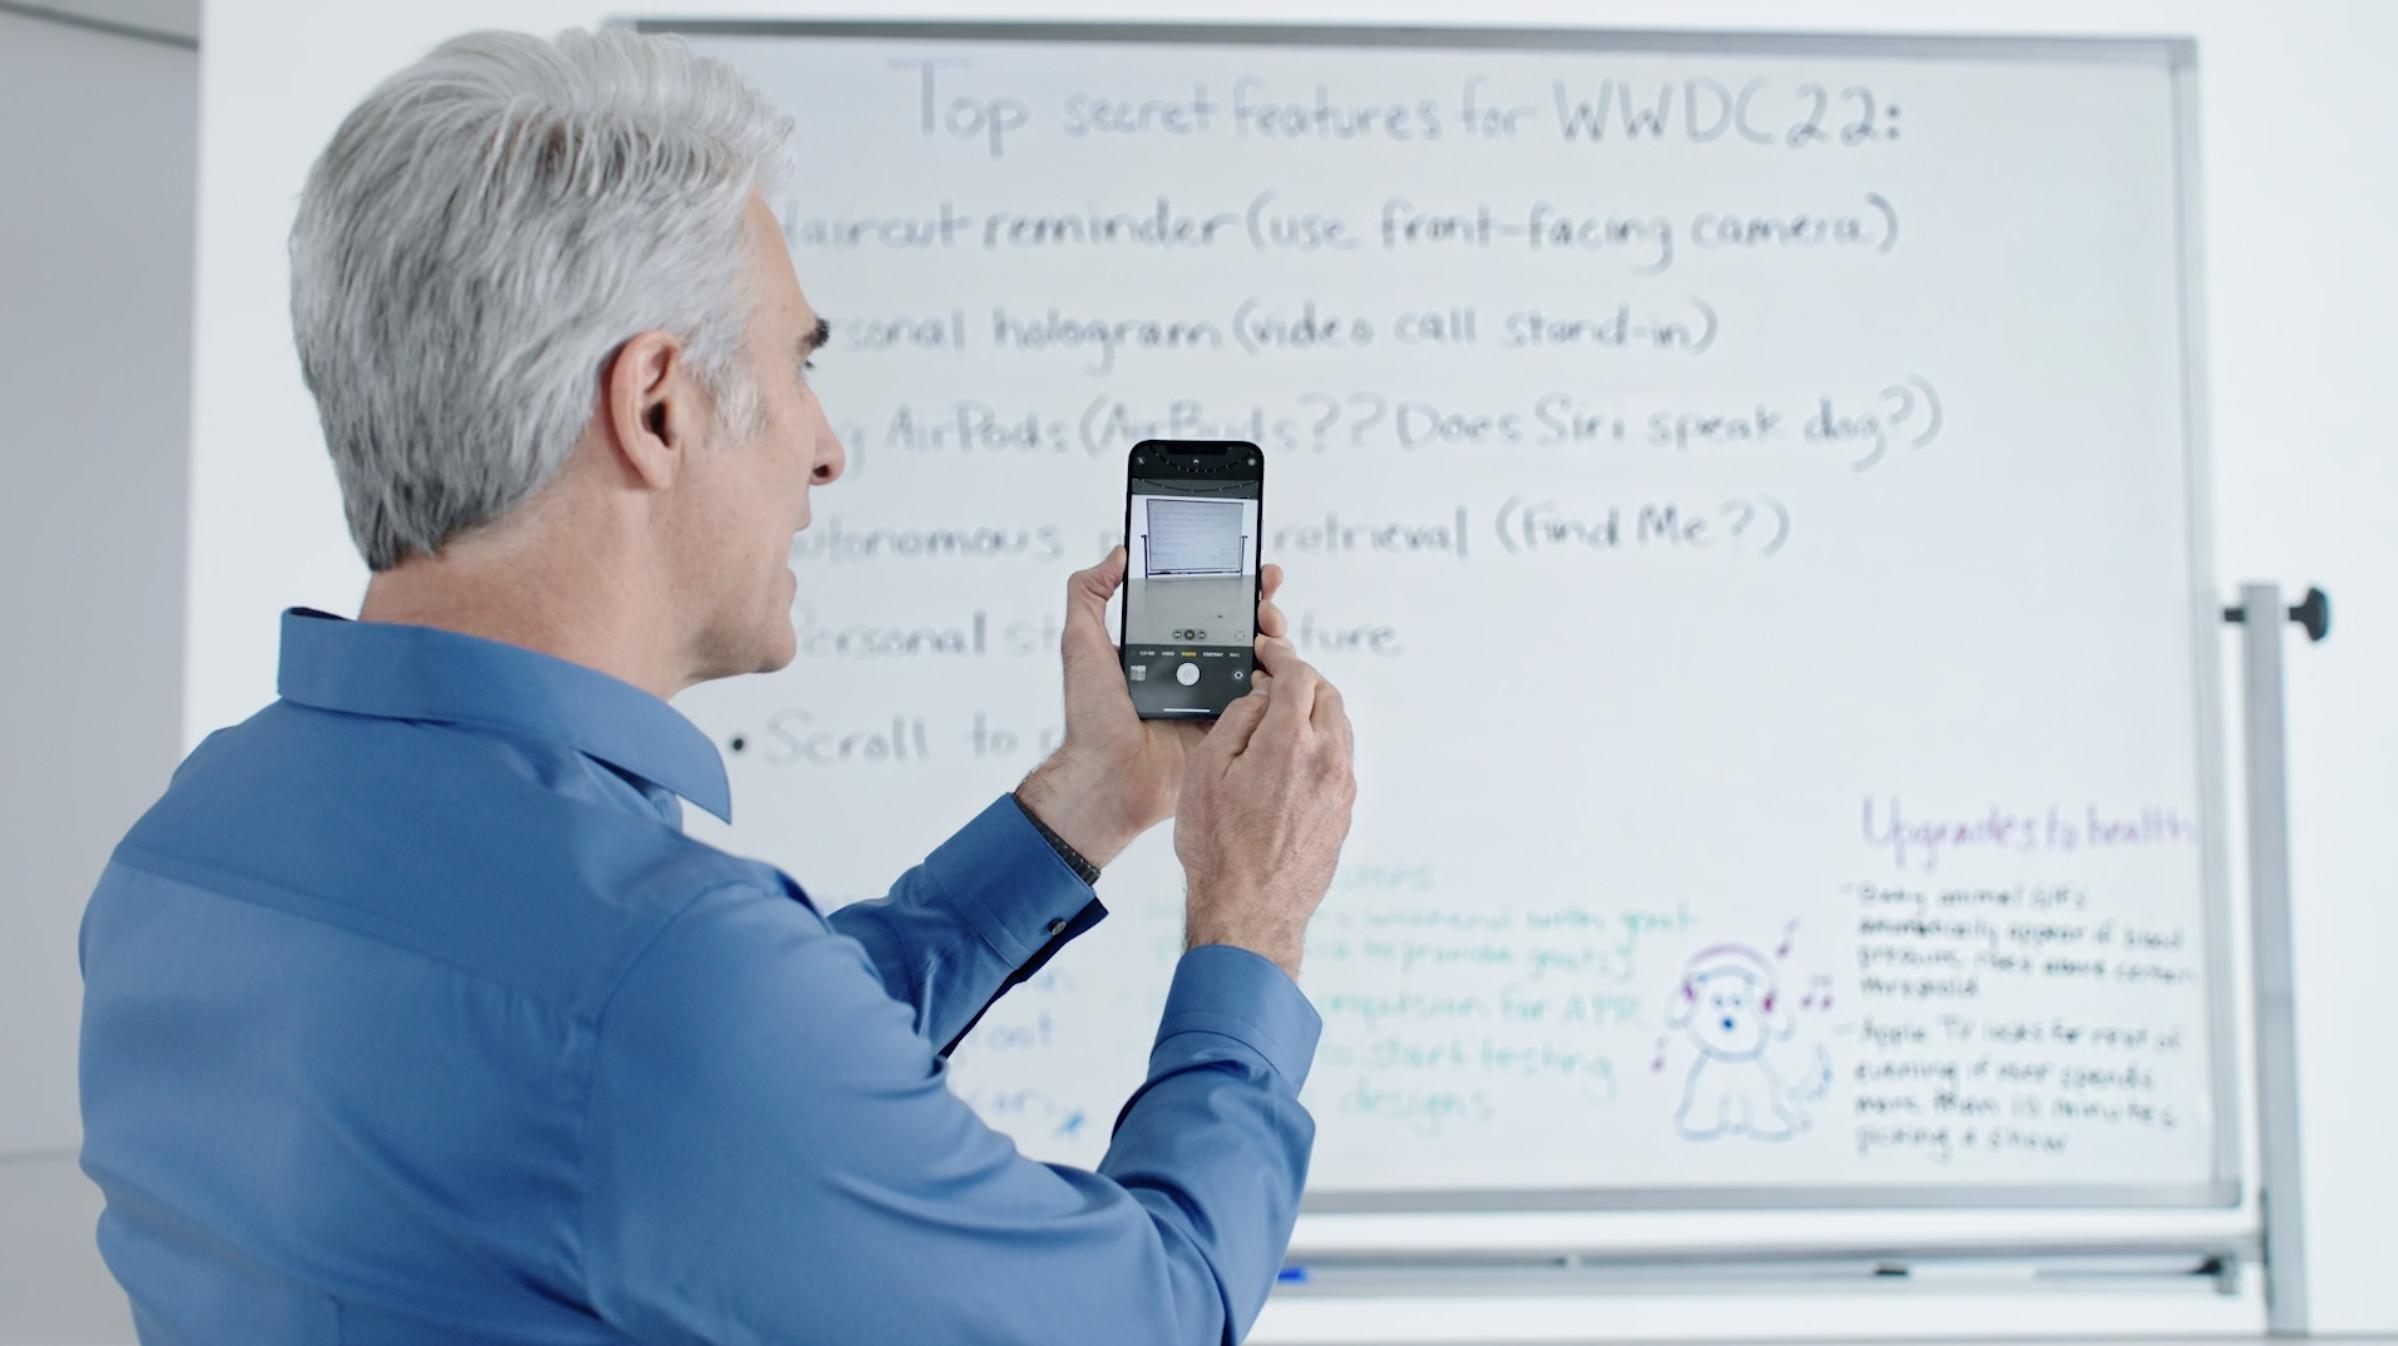 WWDC21-Keynote-1296.jpg